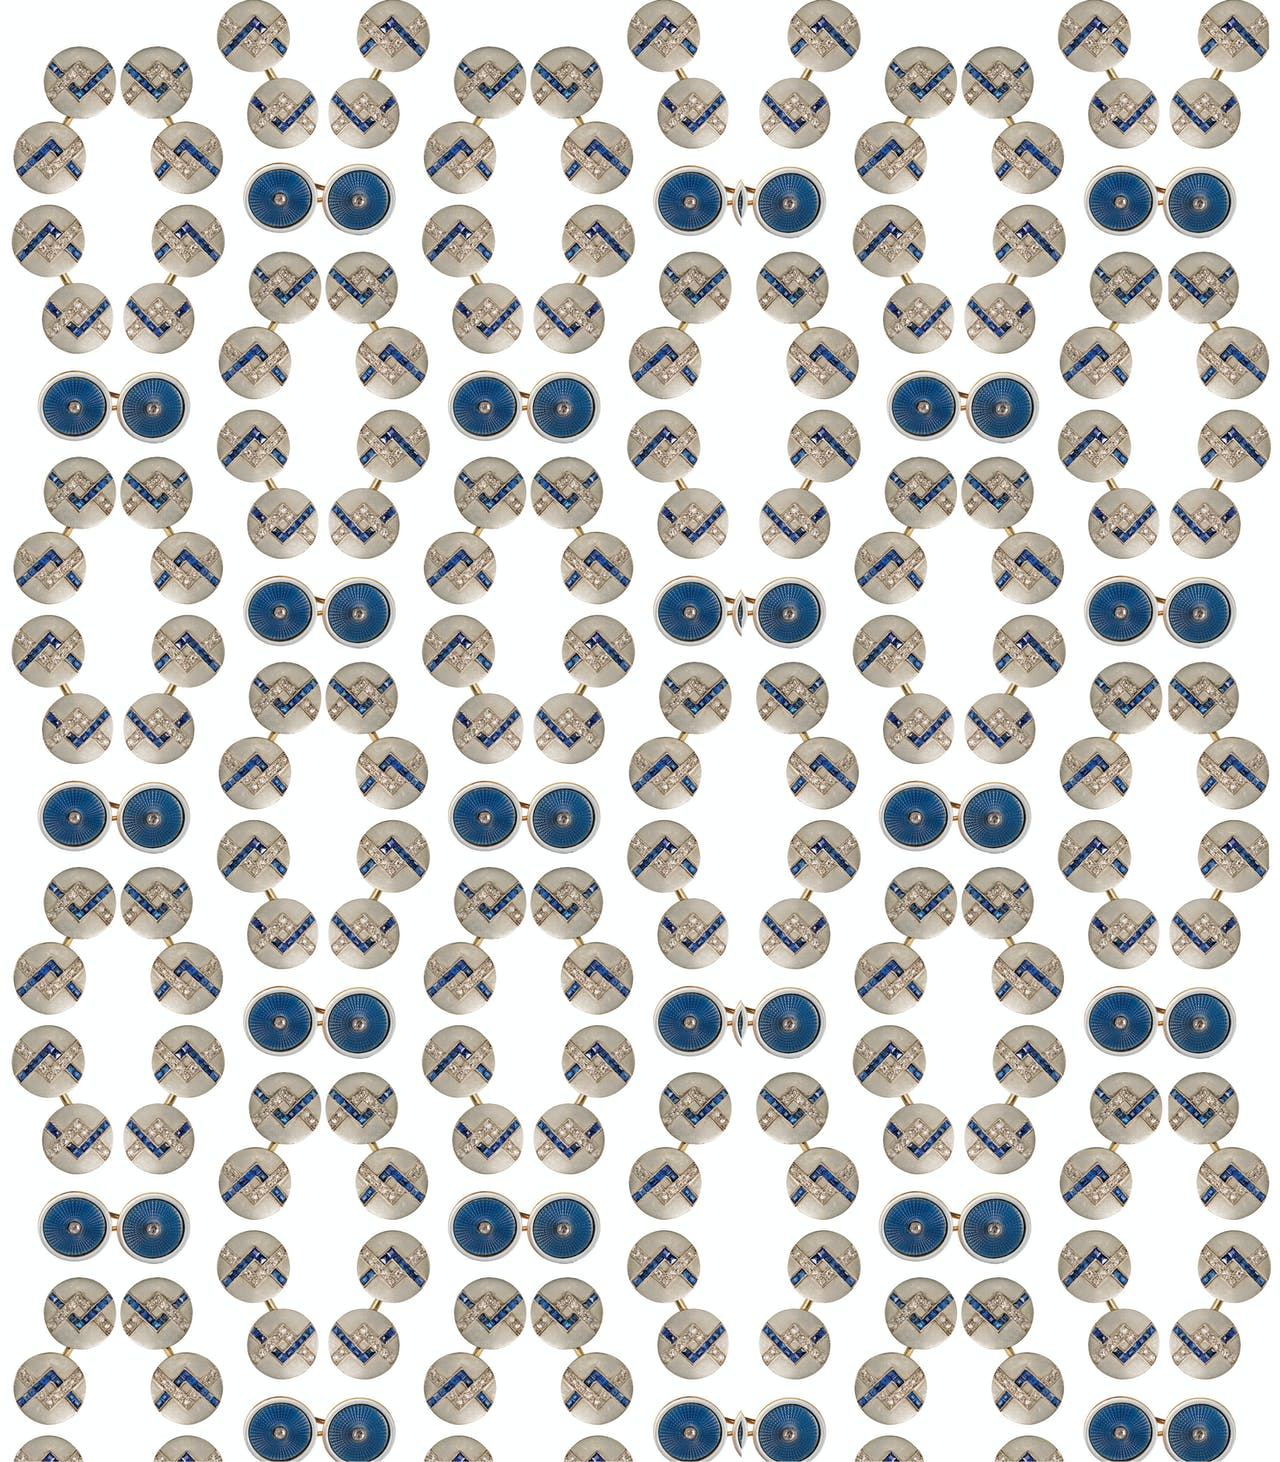 Knoop met wit en blauw email op guilloche met diamant (1910-1920); Franse knopen (ca. 1930) met saffier en diamant.